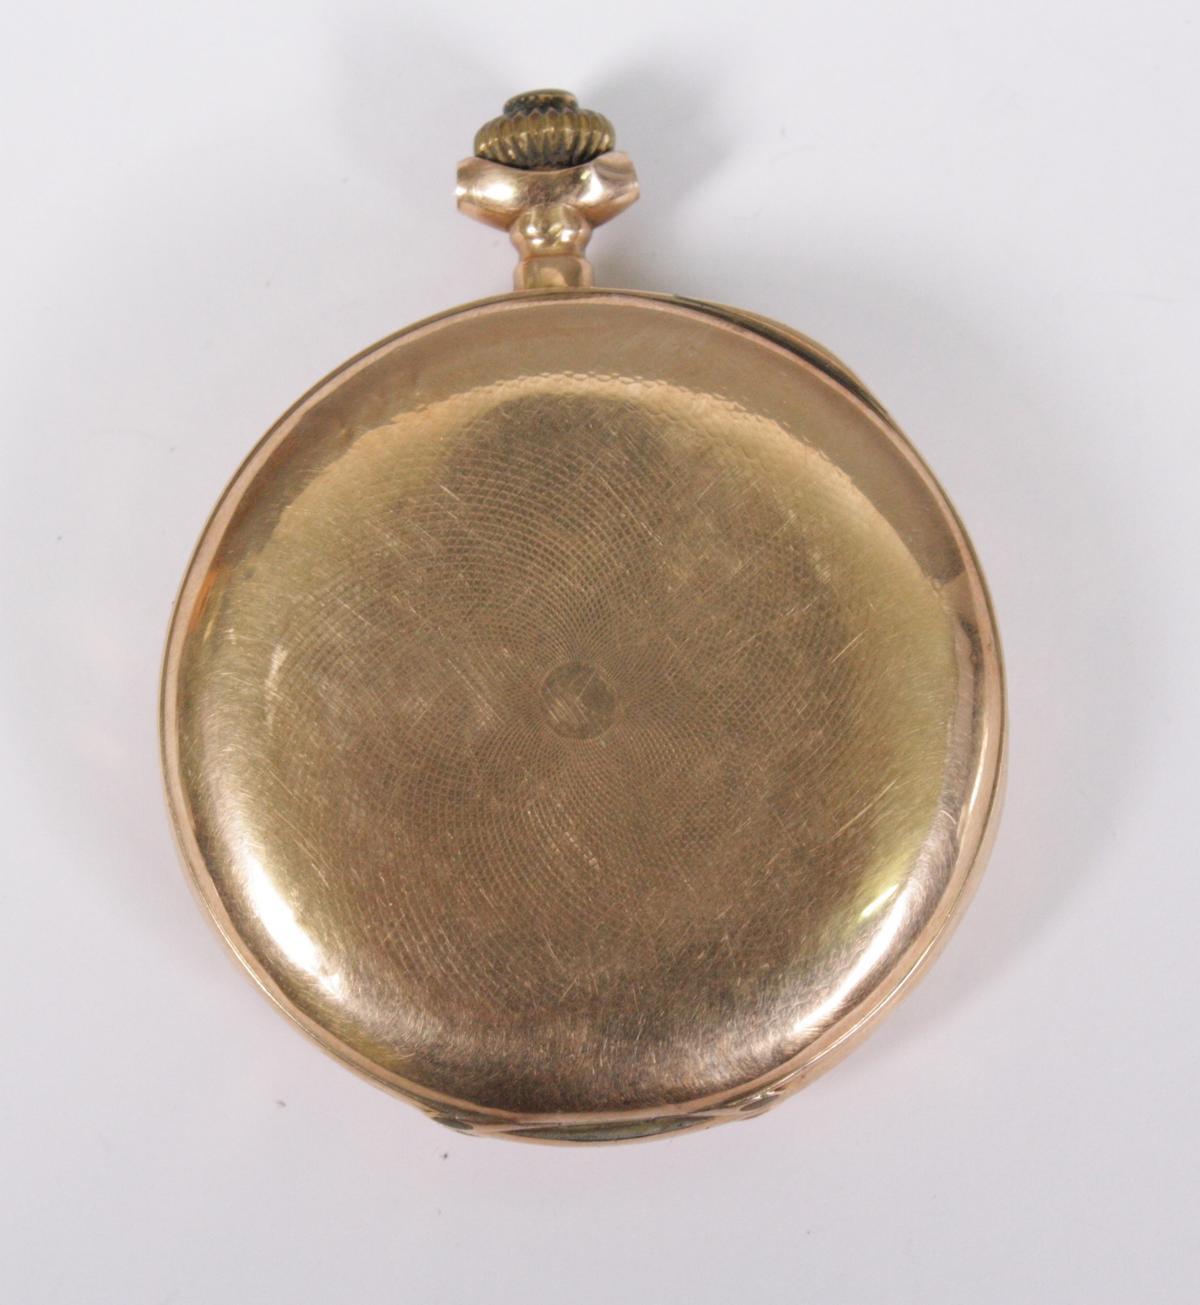 Goldene Herrentaschenuhr, 14 Karat Gelbgold-7